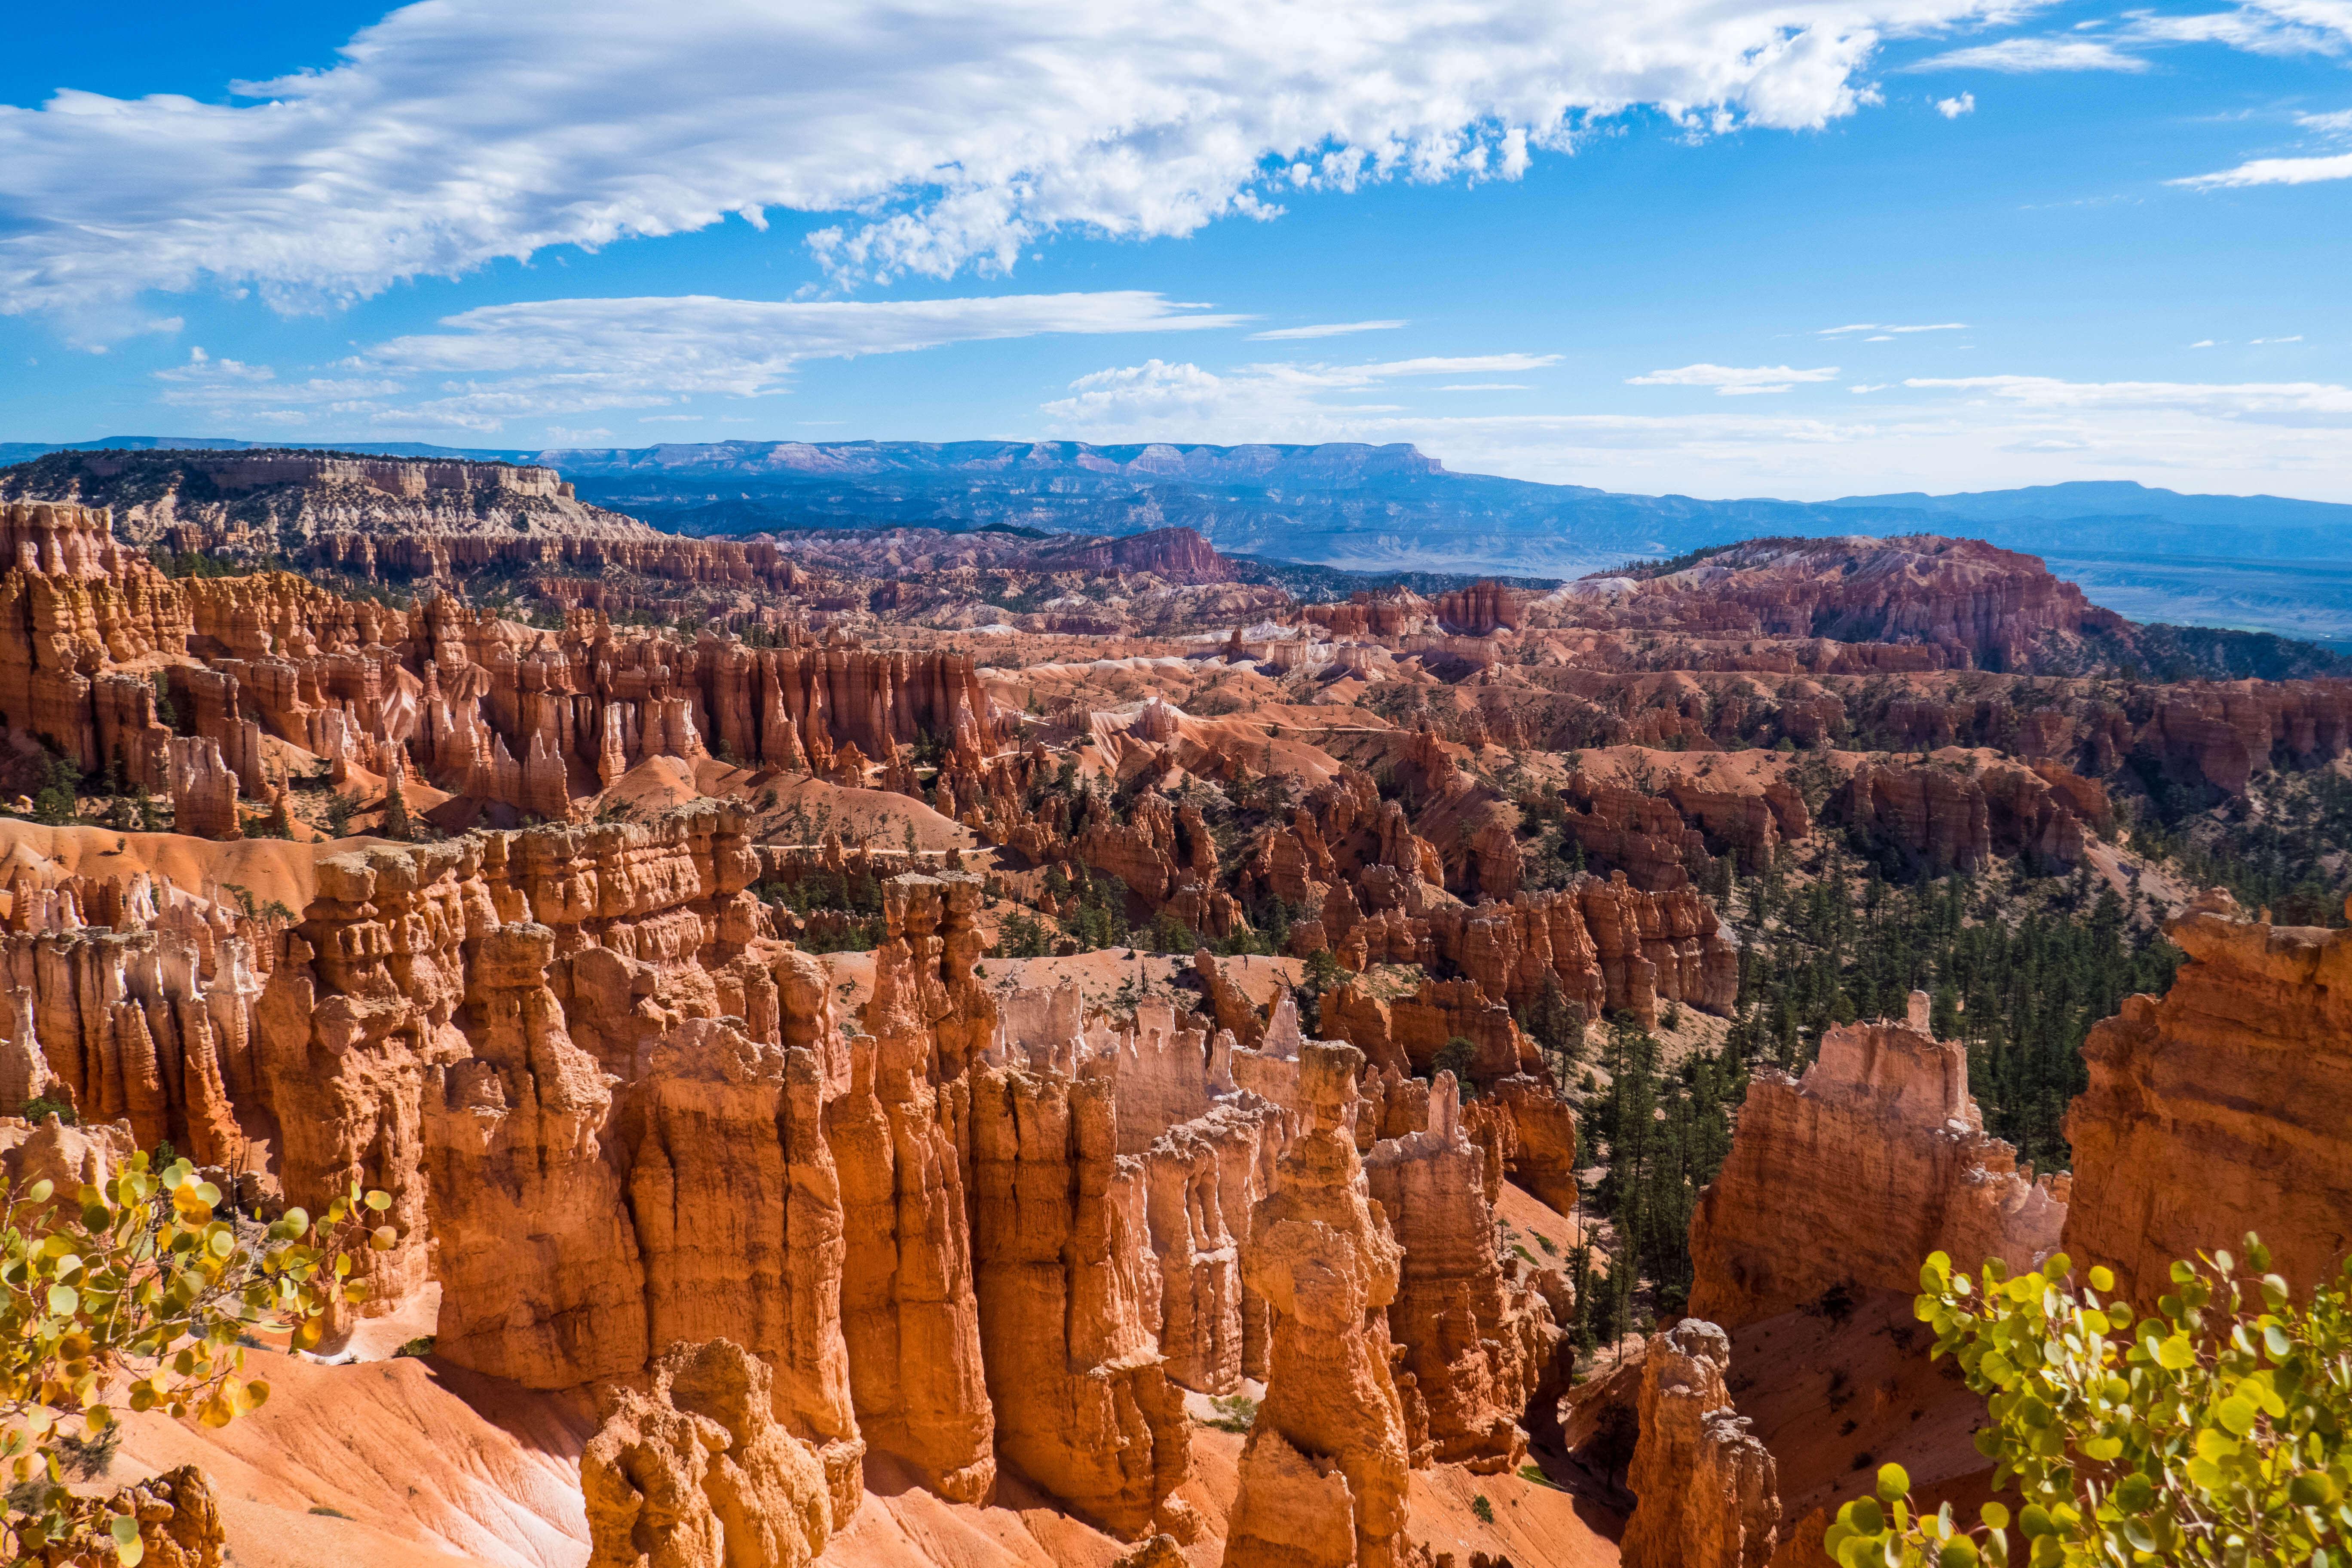 Vue sur Bryce Canyon dans l'Ouest américain